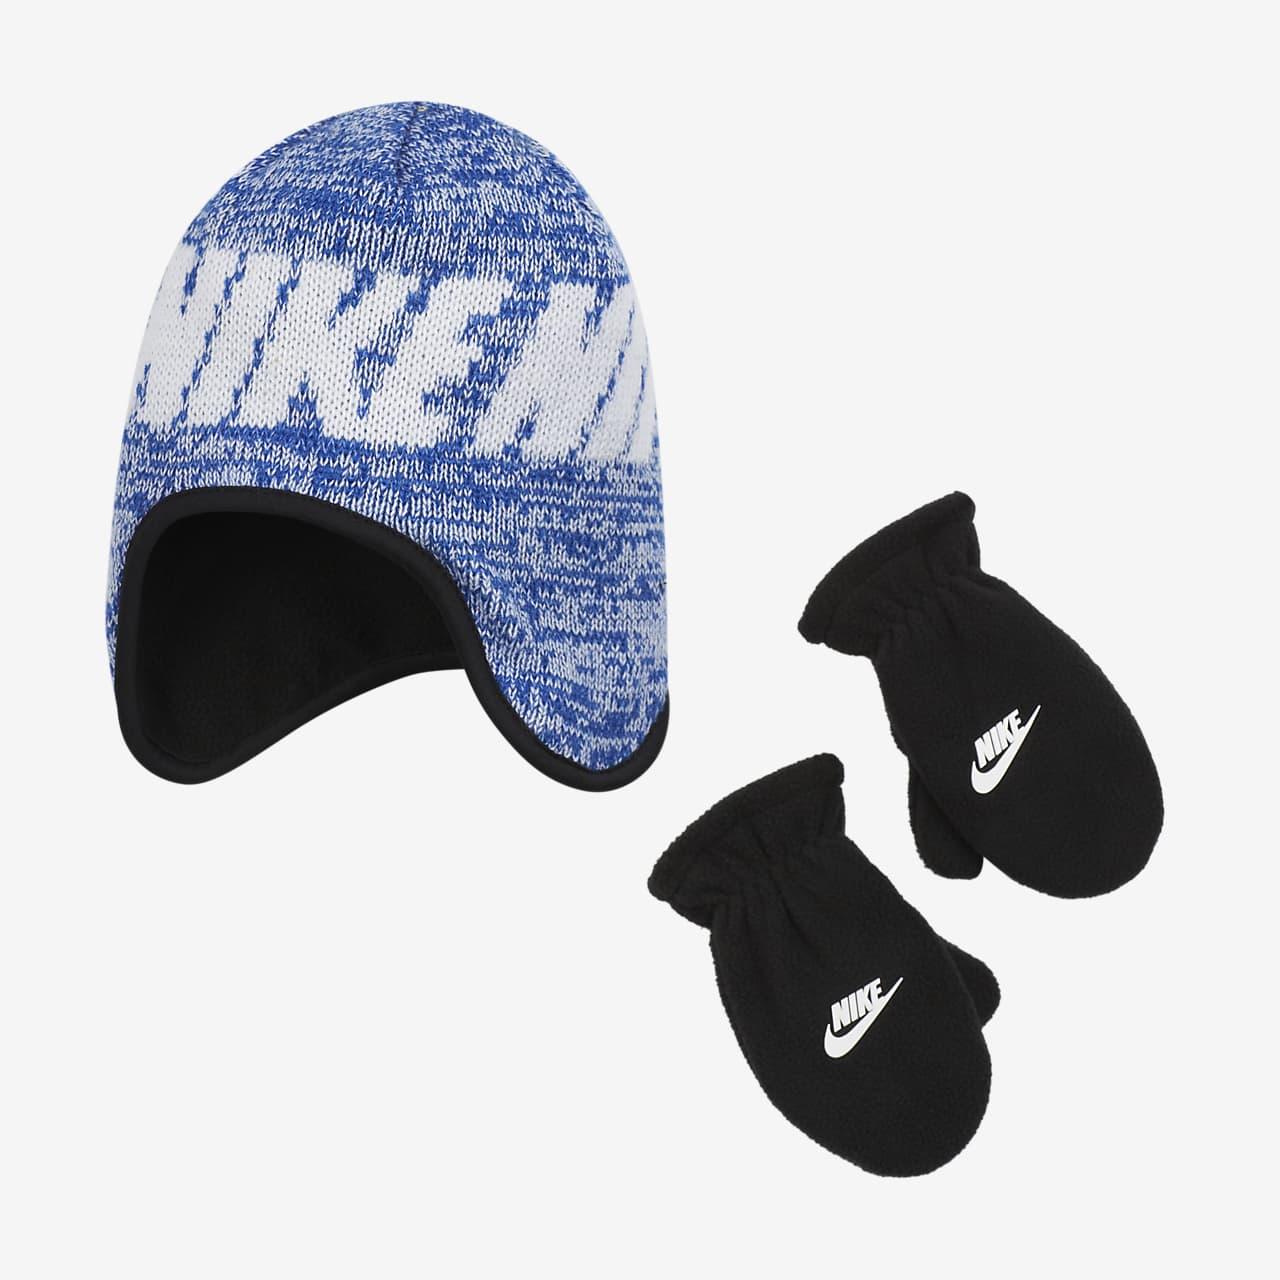 Dvoudílná souprava čepice a rukavic Nike pro batolata